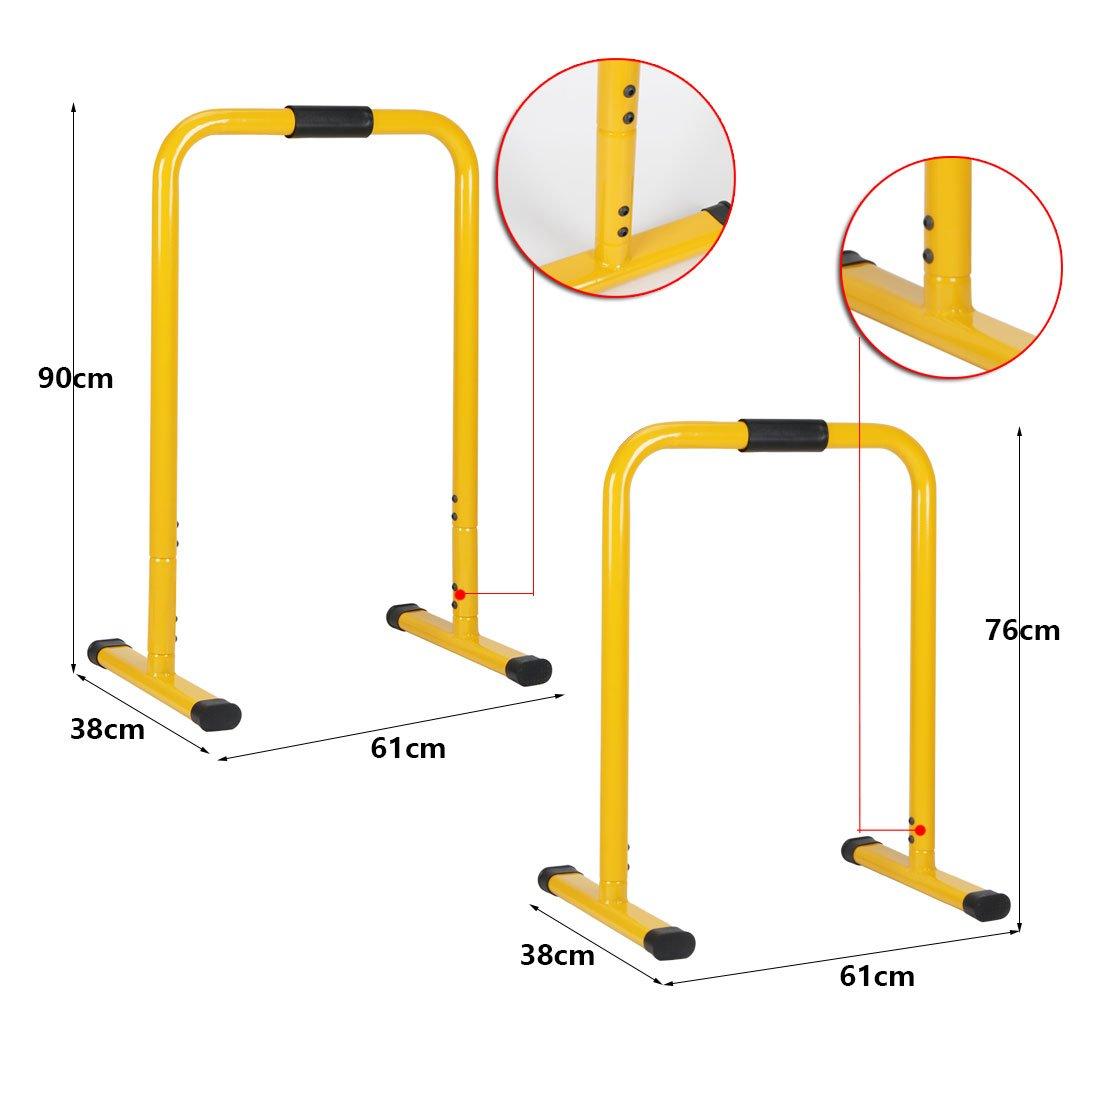 Calestina excelente Herramienta para el Entrenamiento de Cuerpo Completo HLC Barras Paralelas de Altura Ajustable de Dominadas 76 * 61 * 38 cm Fitness